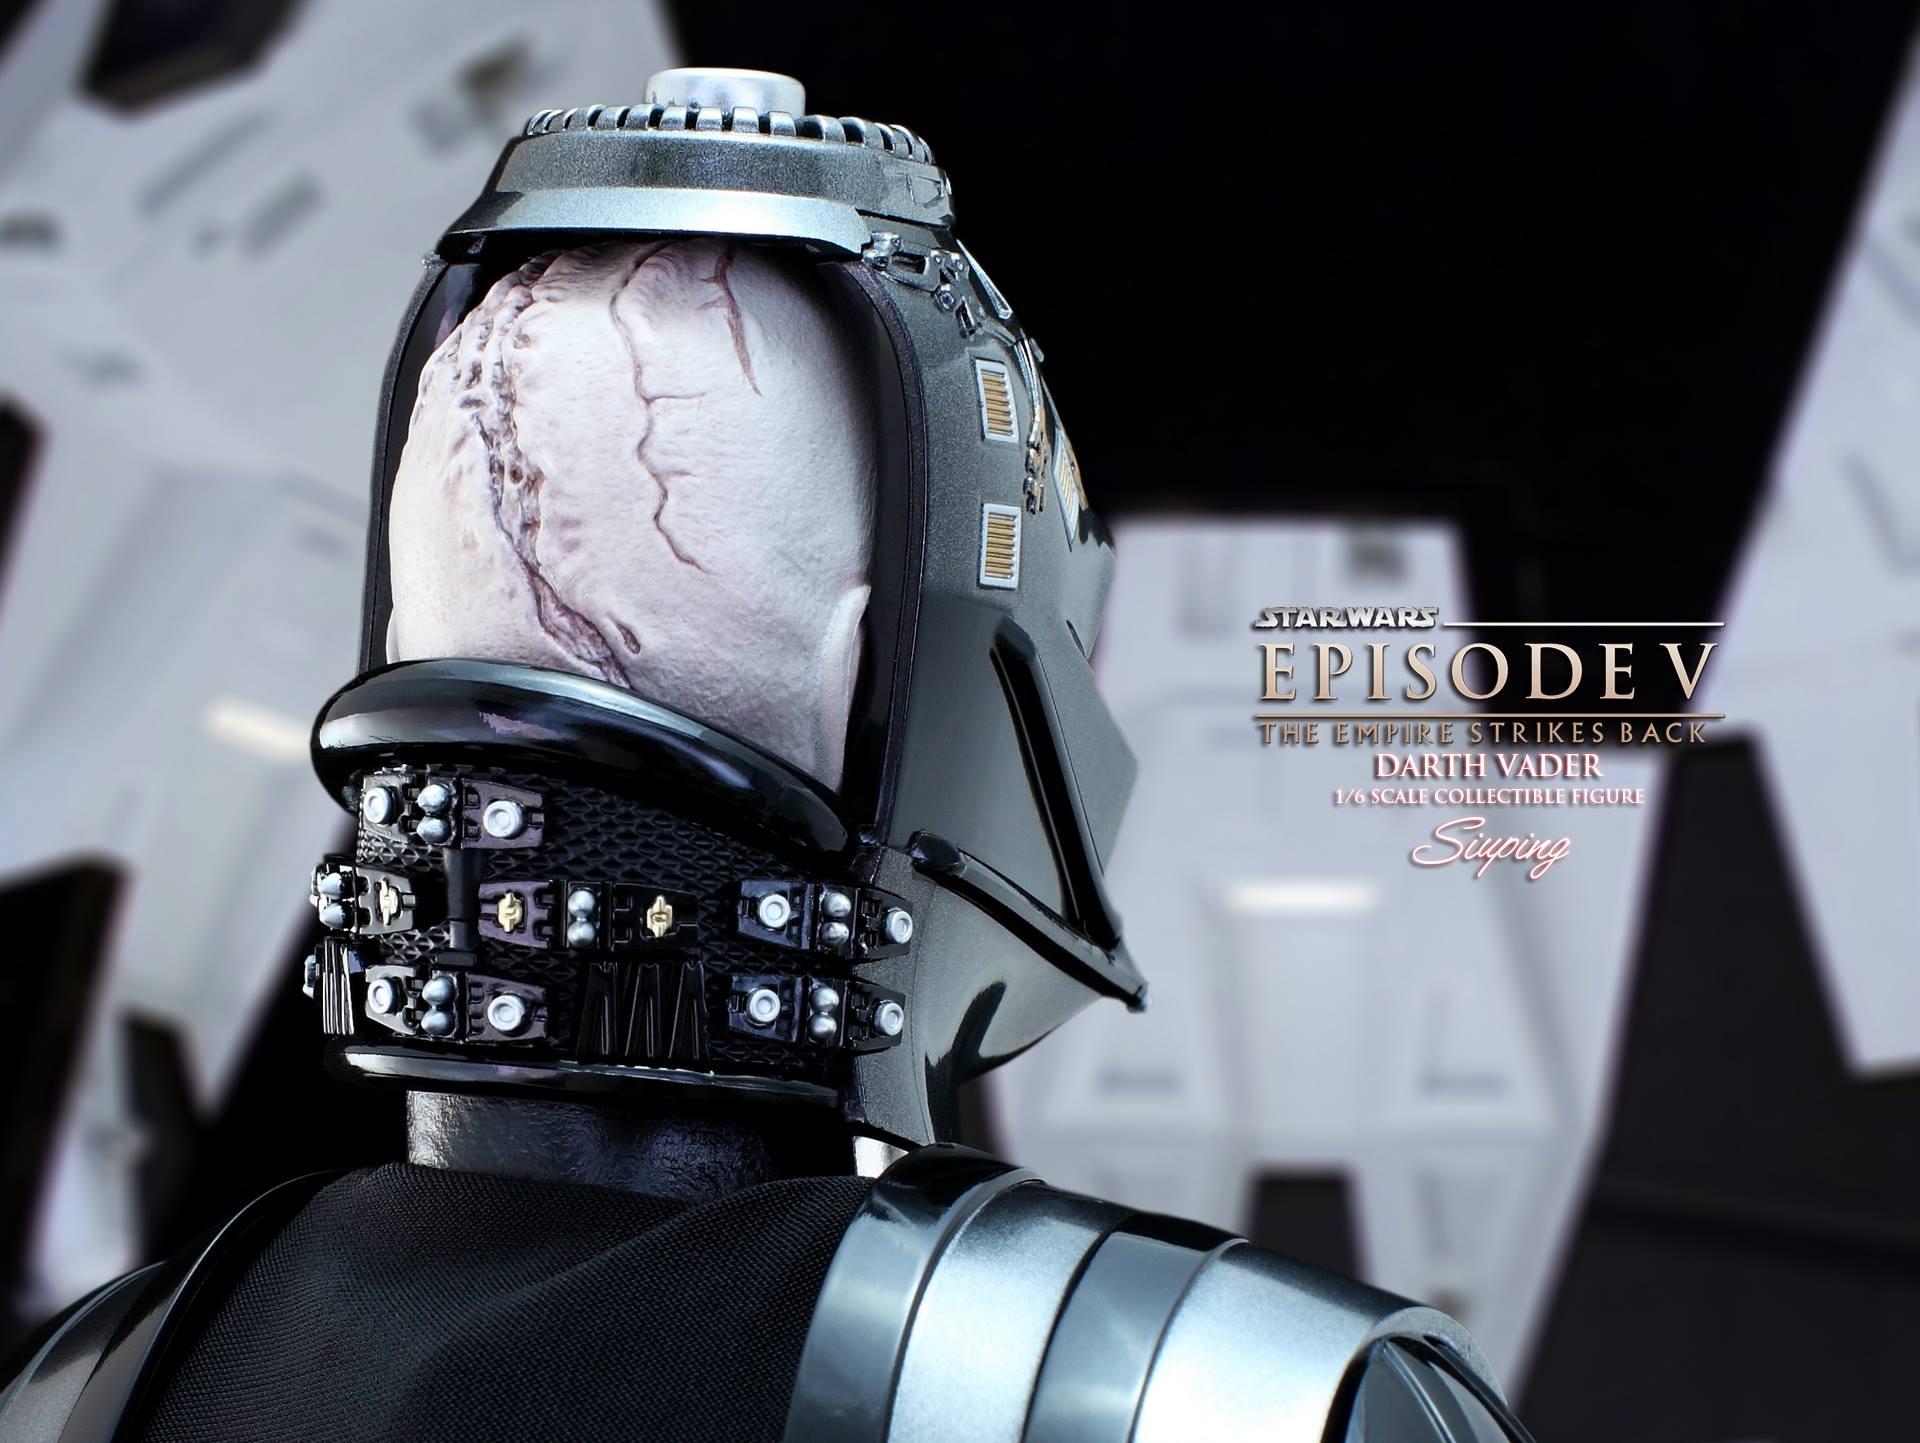 Hot Toys Darth Vader Episode V 4